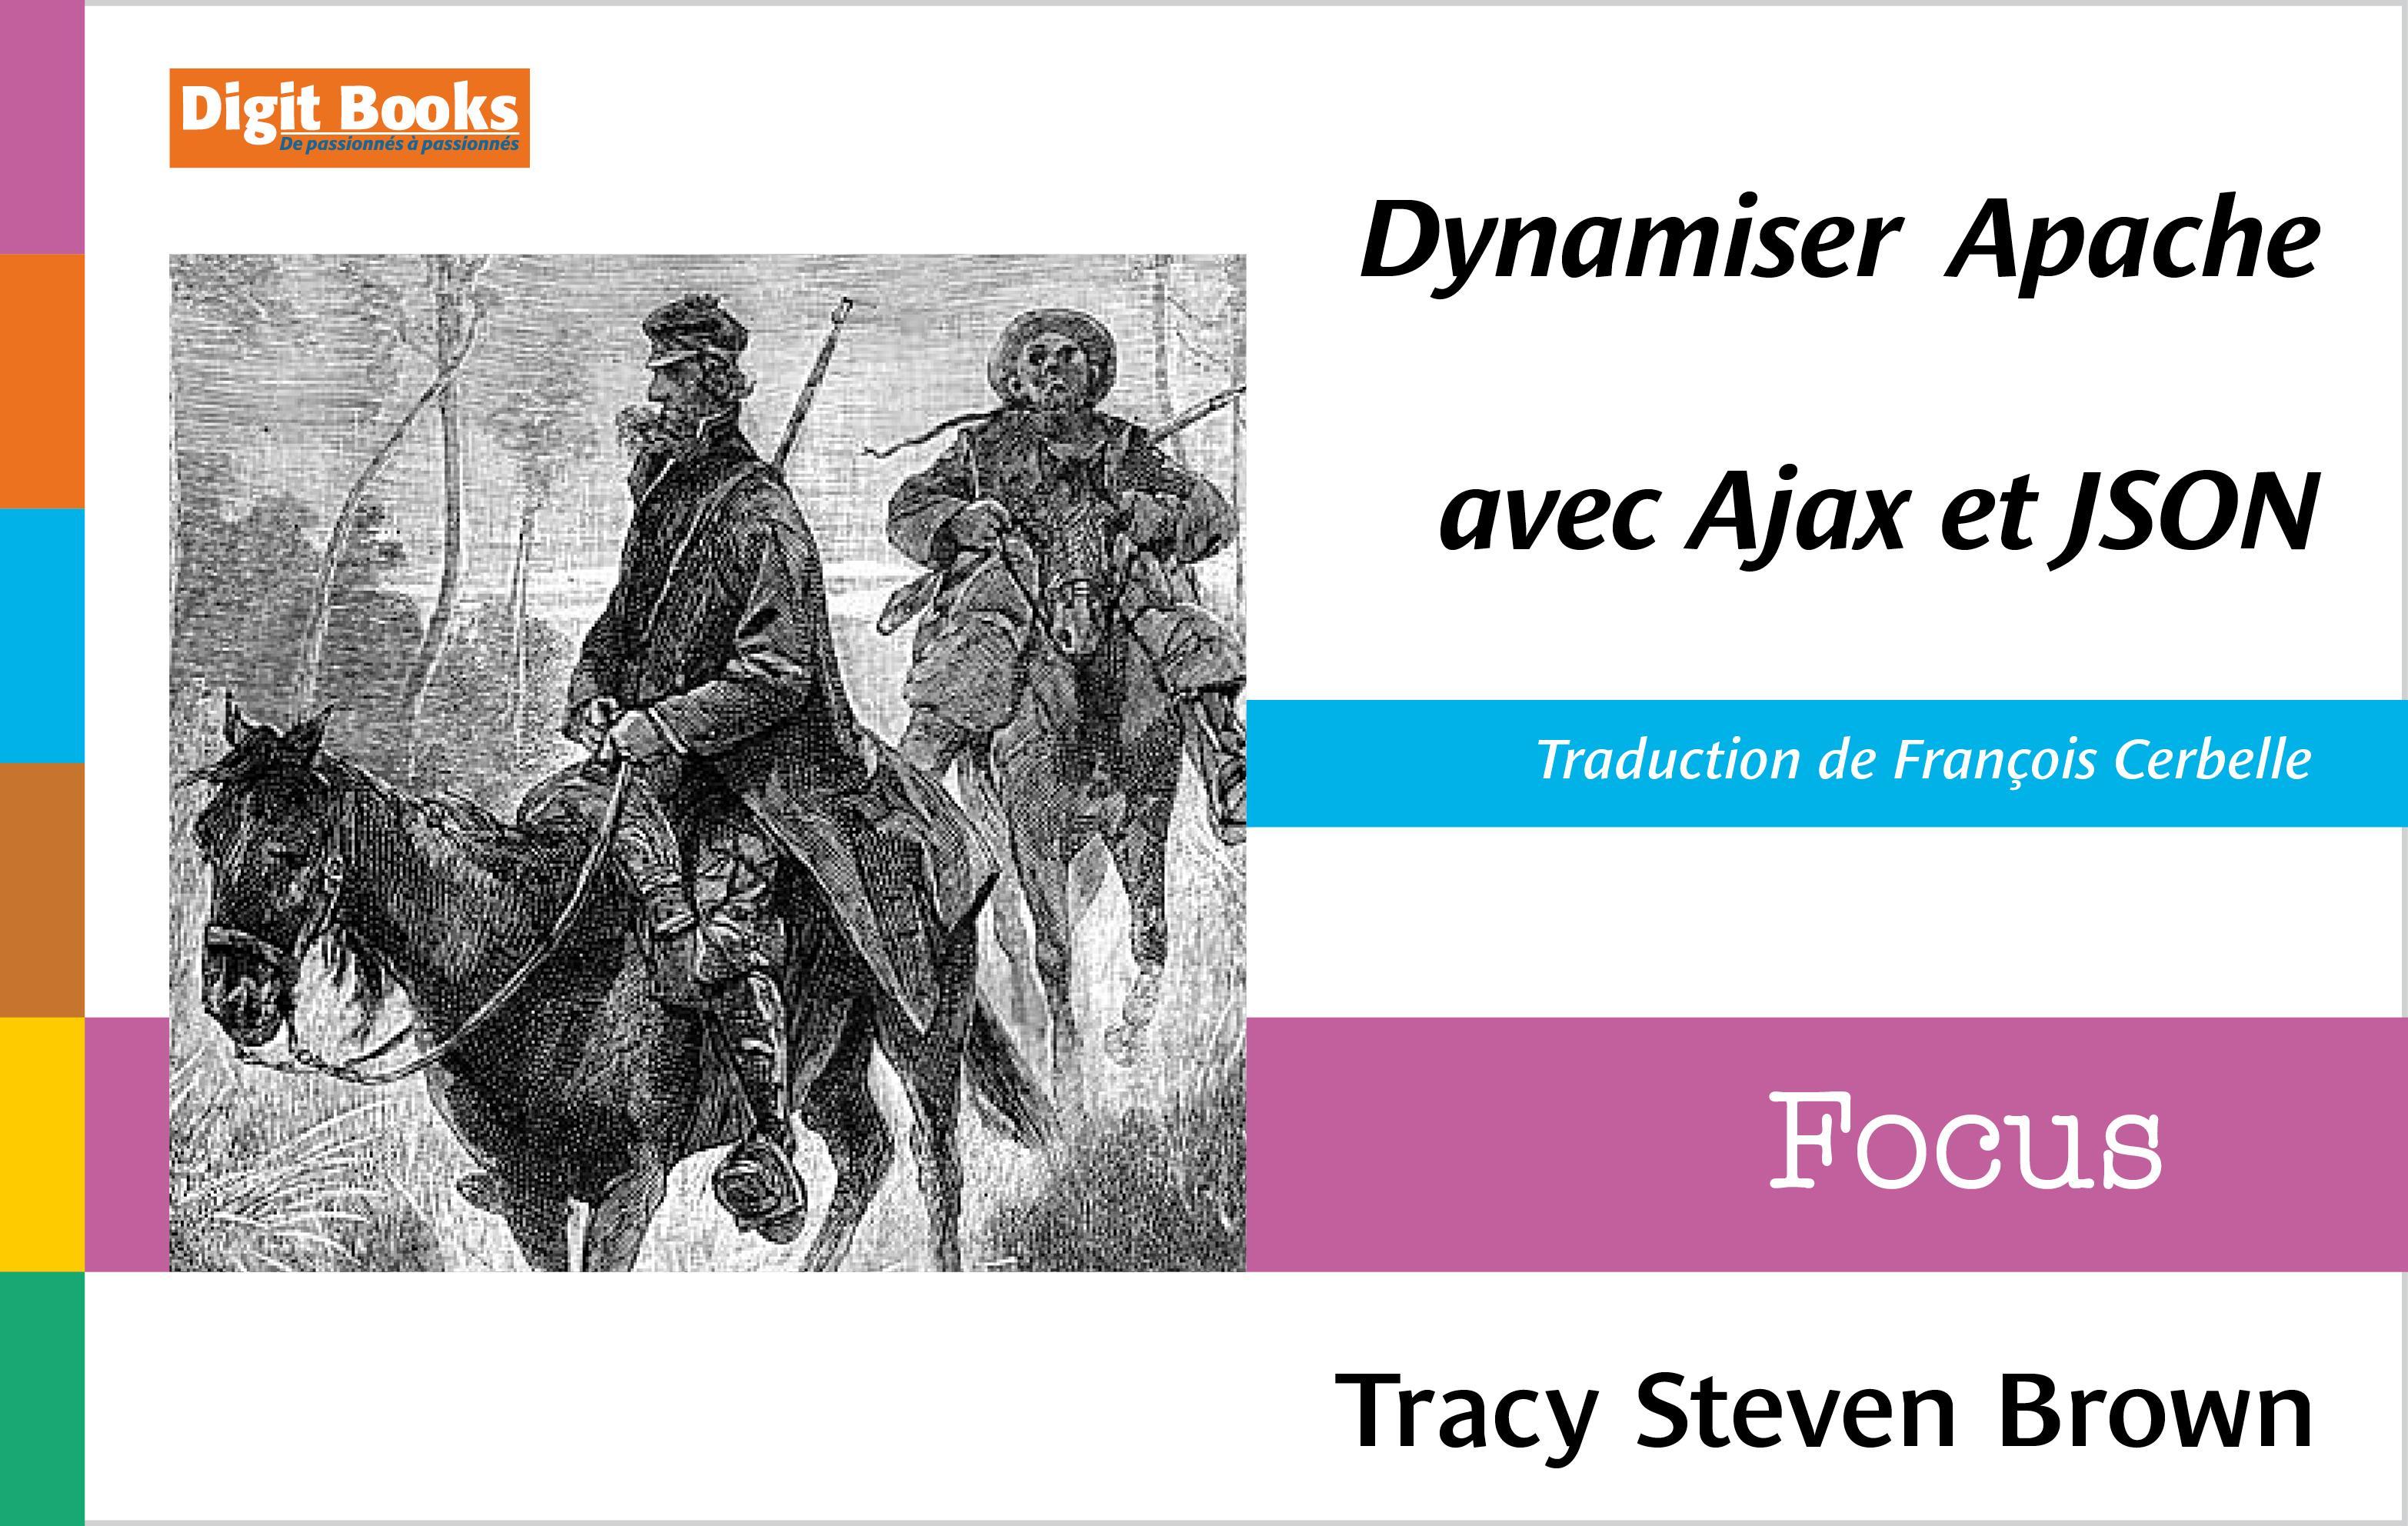 Dynamiser Apache avec Ajax et JSON